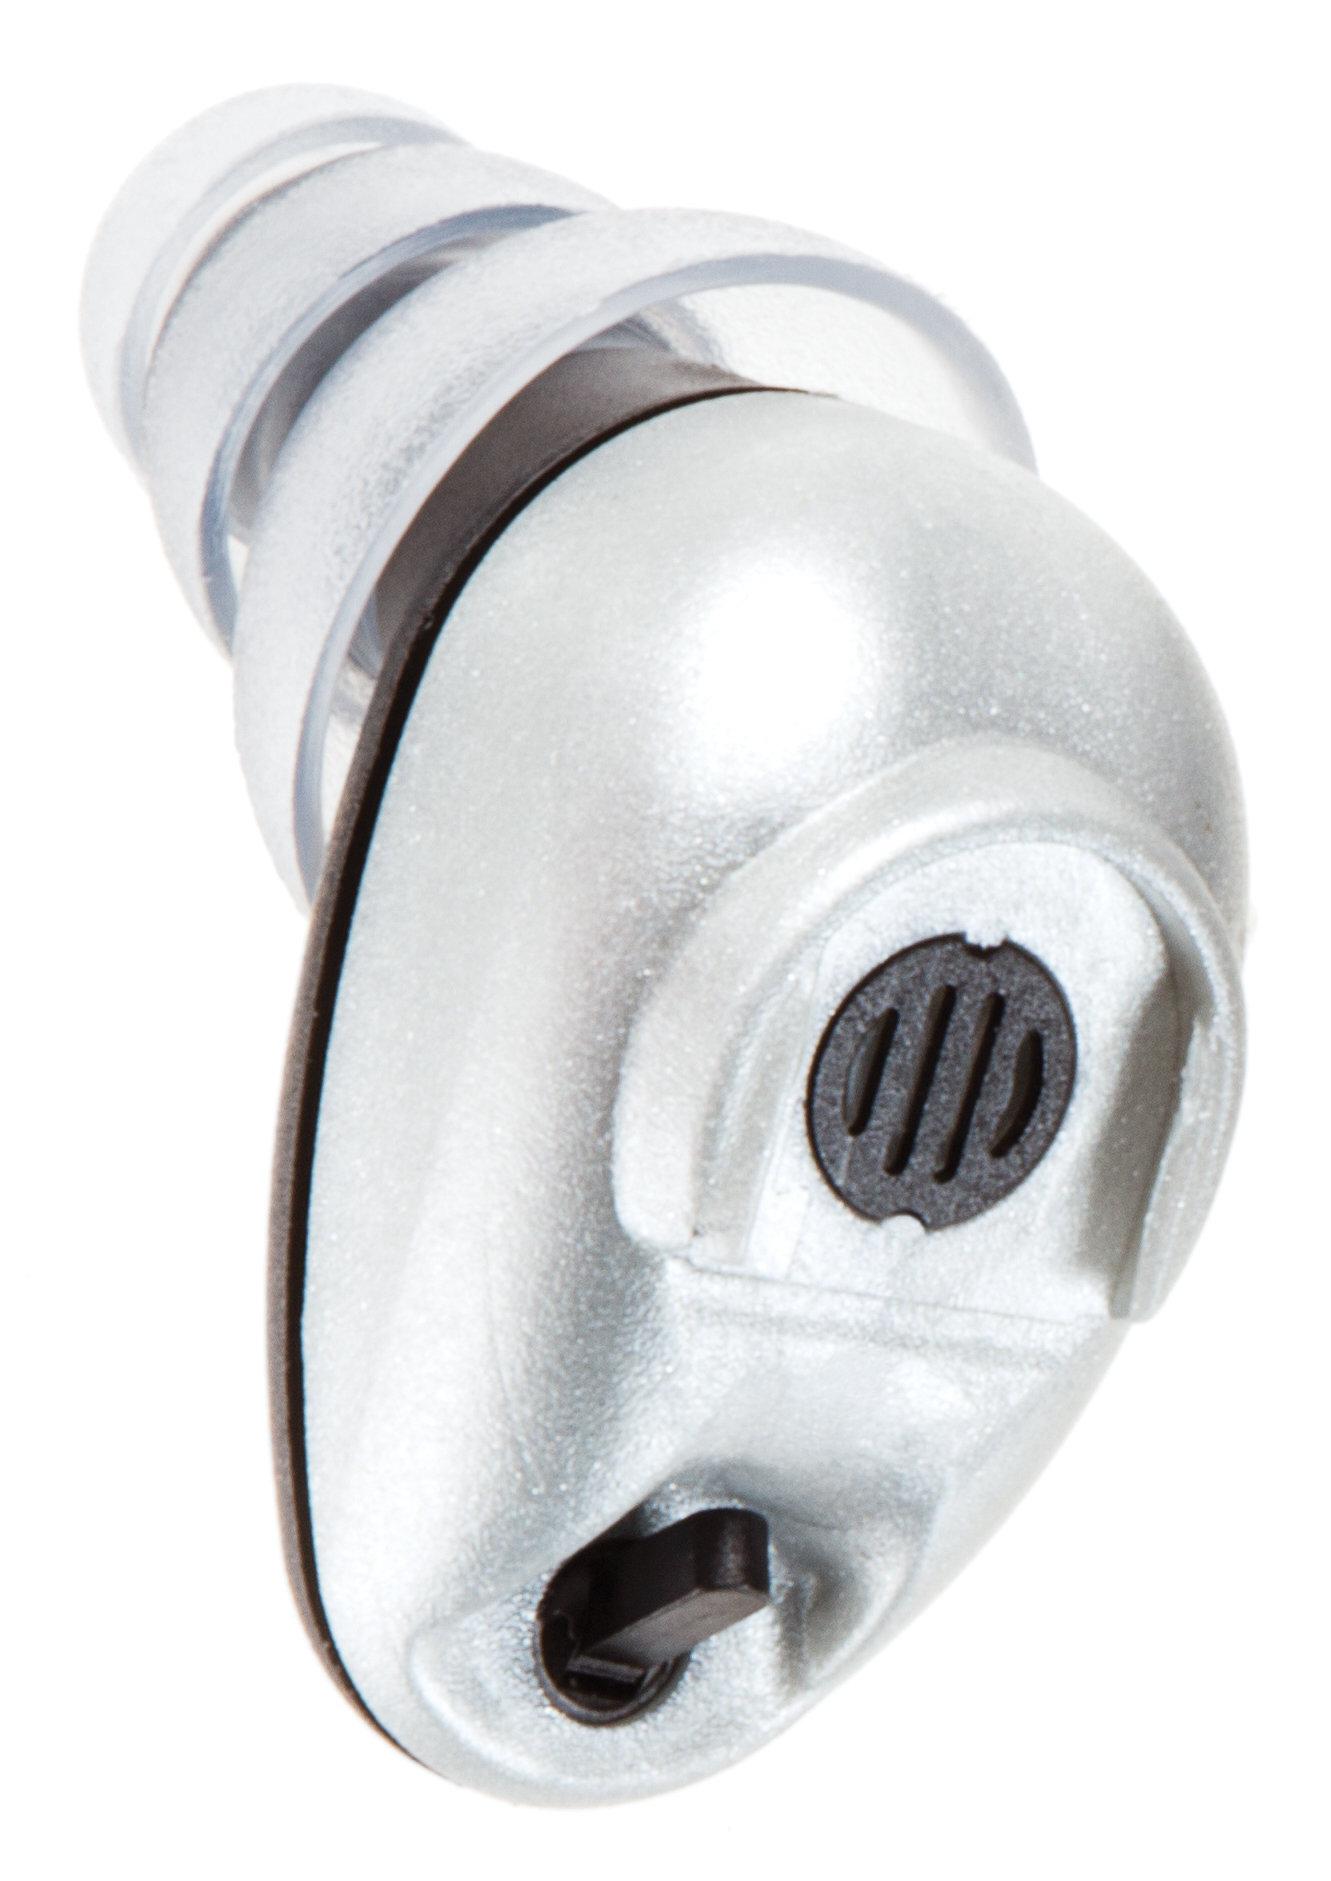 Etymotic QSA with T-COIL, Platinum, Single Unit ER135-QSA-PT-T-AU